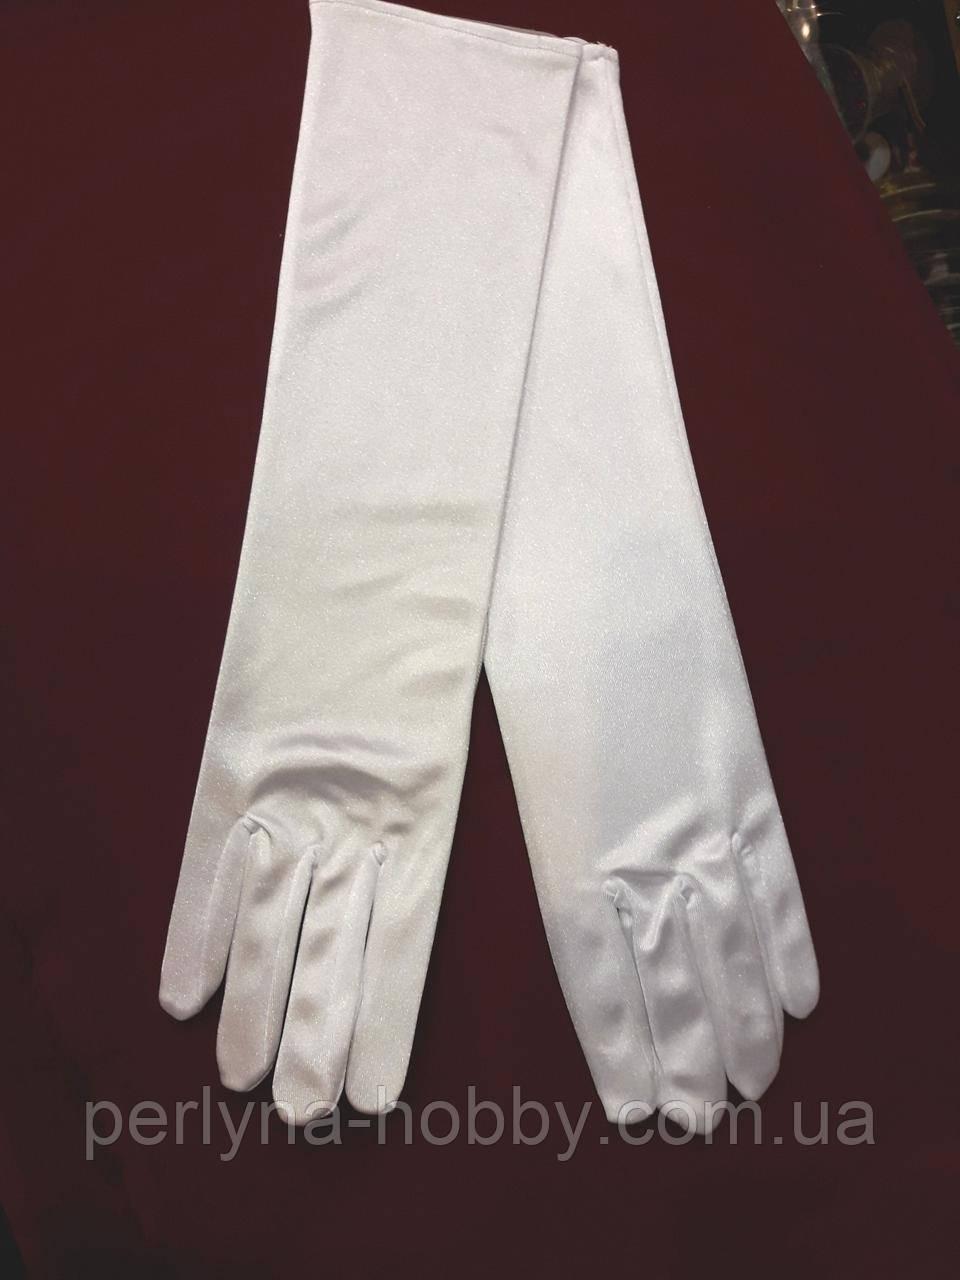 Рукавички жіночі атласні довгі білі 37-38 см